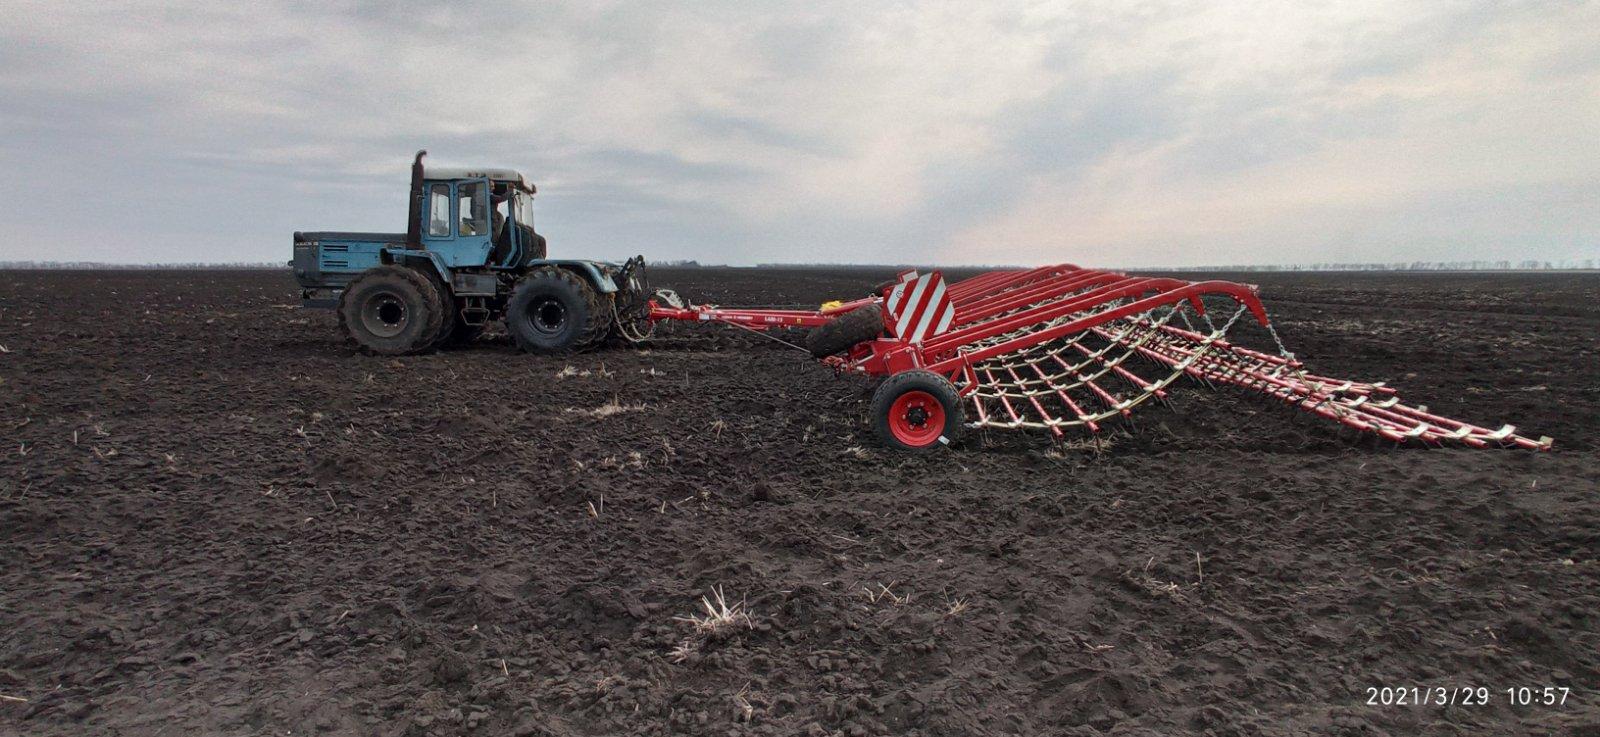 Аграрии выбирают зубовую шлейф-борону ЛАРИ LOZOVA MACHINERY для весенней обработки почвы